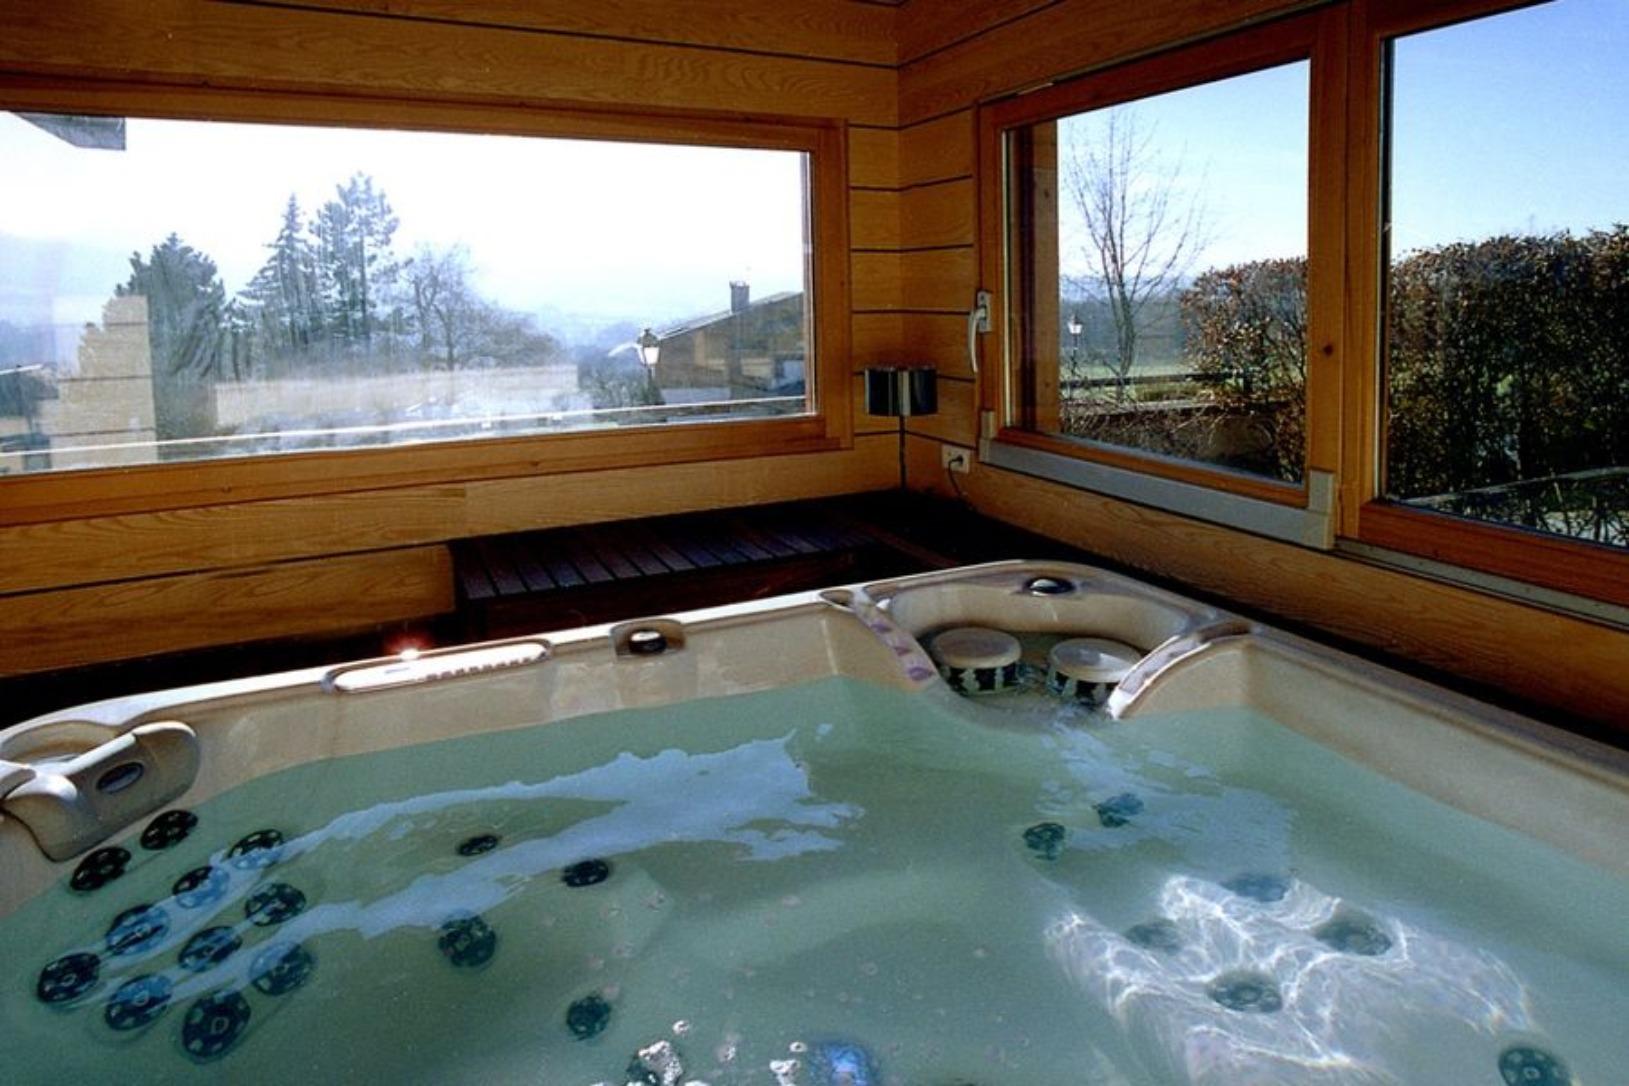 A large tub next to a window at Les Loges de la Paresse.